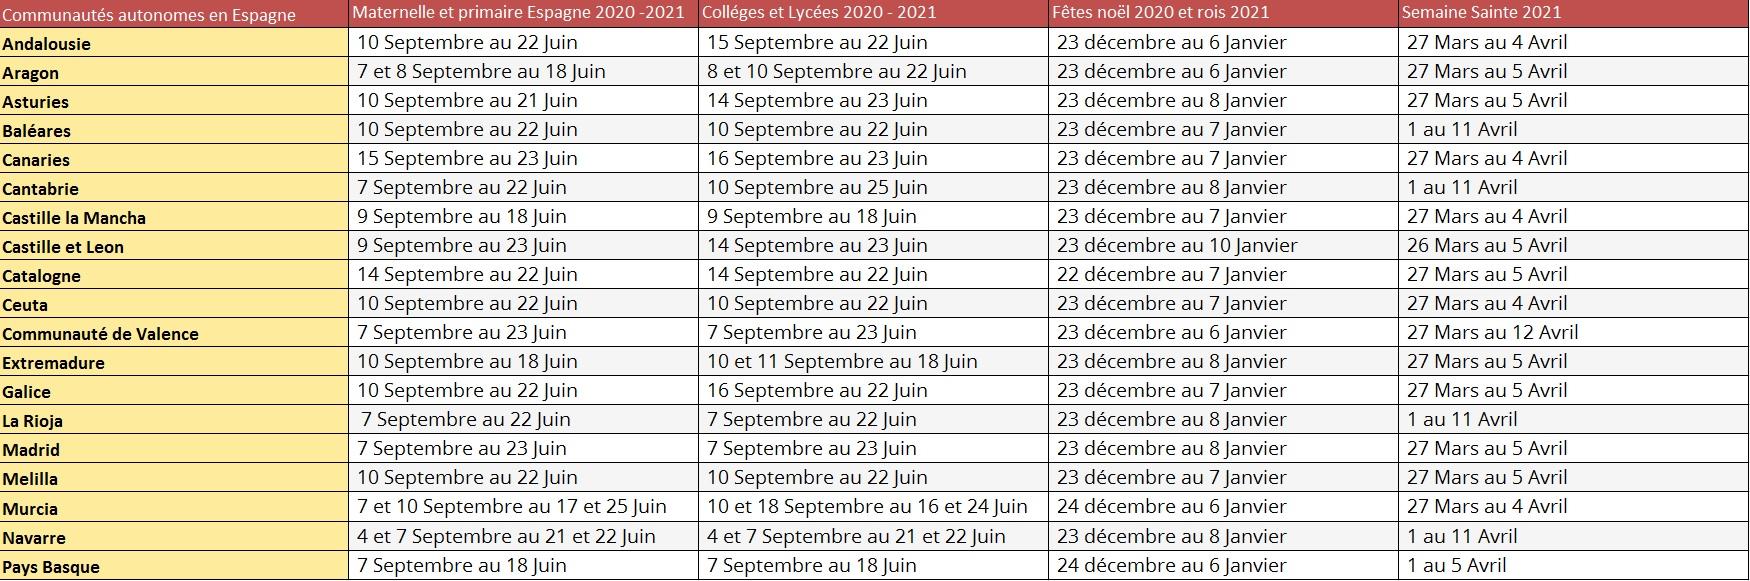 Le détail des dates de l'année scolaire 2020   2021 en Espagne